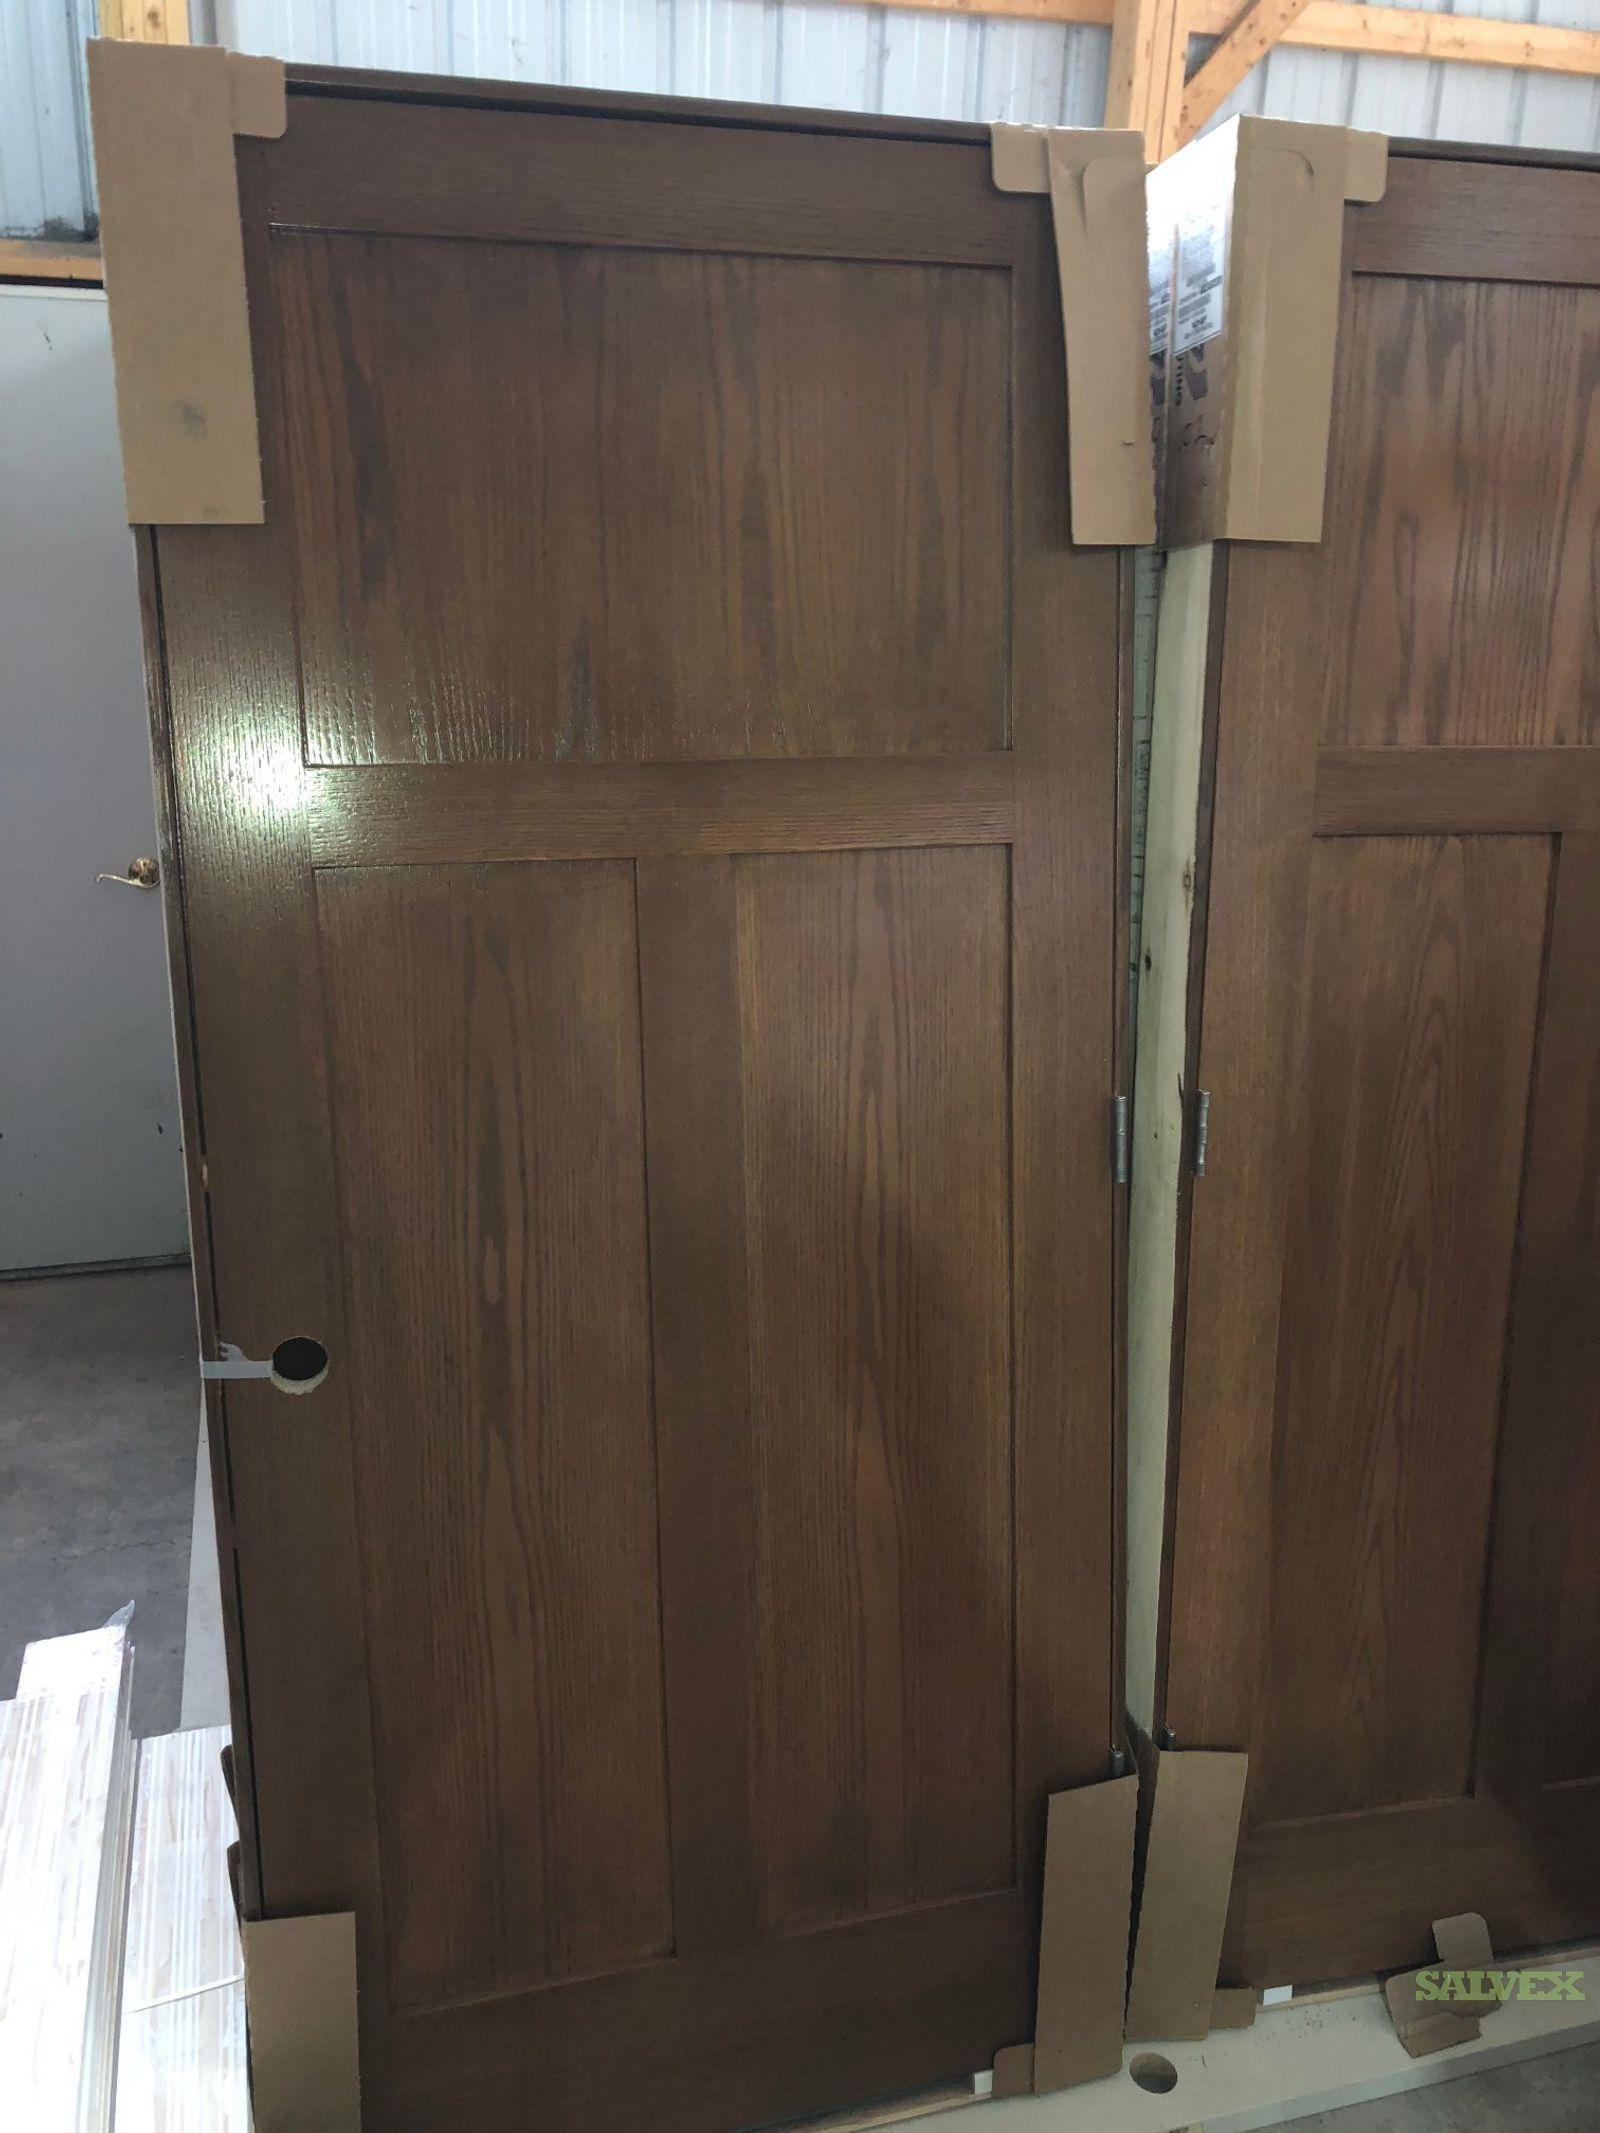 3-panel Flat Oak Doors / Jambs in Wisconsin  (1 Lot)